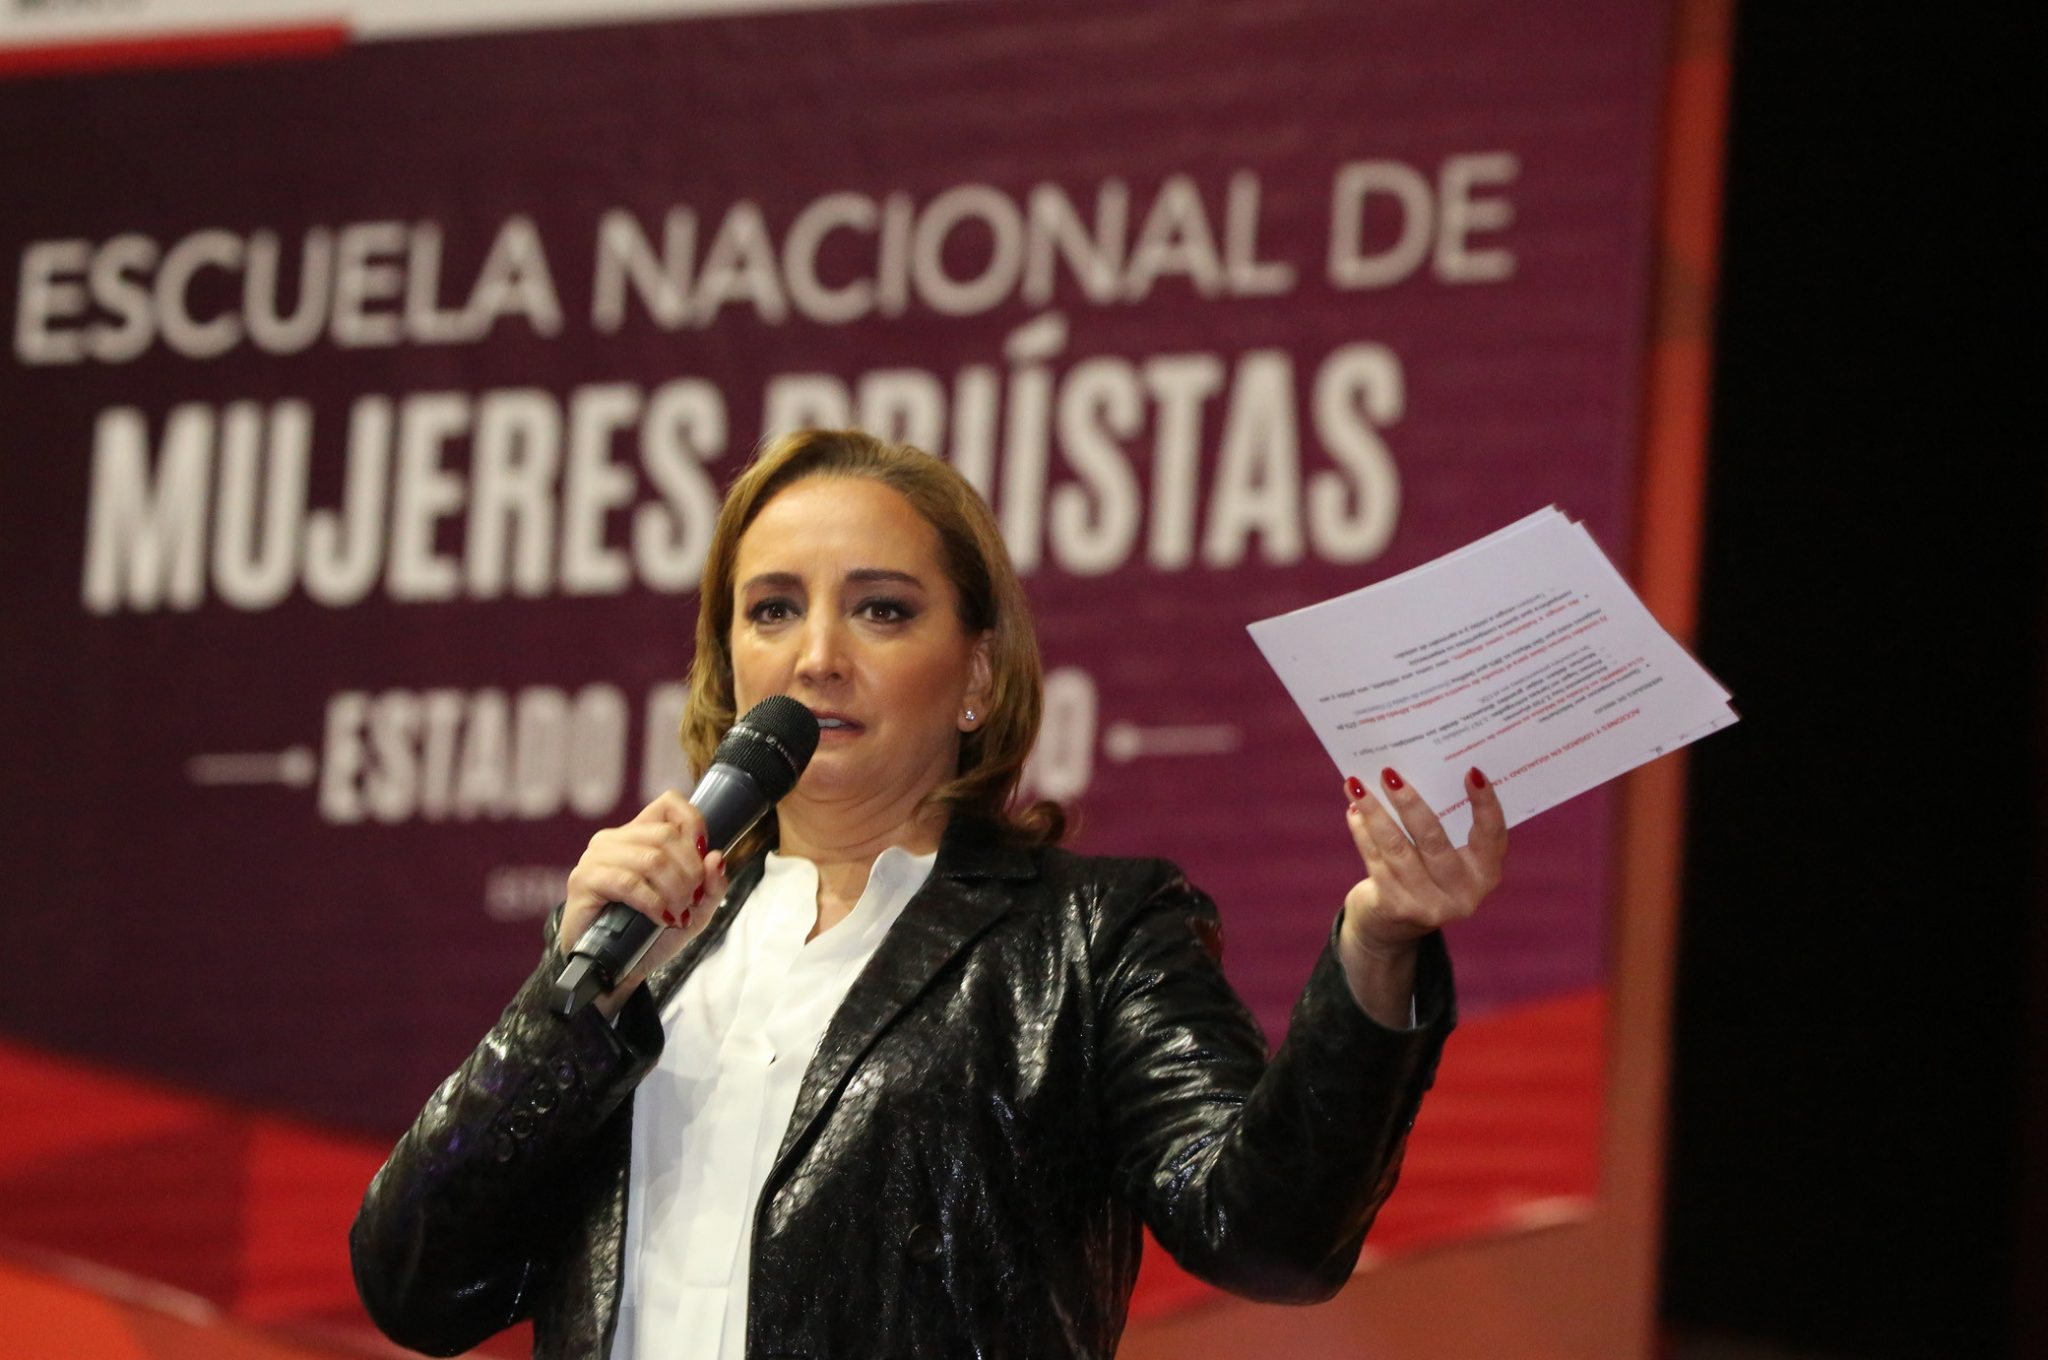 En el siglo XXI México será el país de las mujeres: Claudia Ruiz Massieu